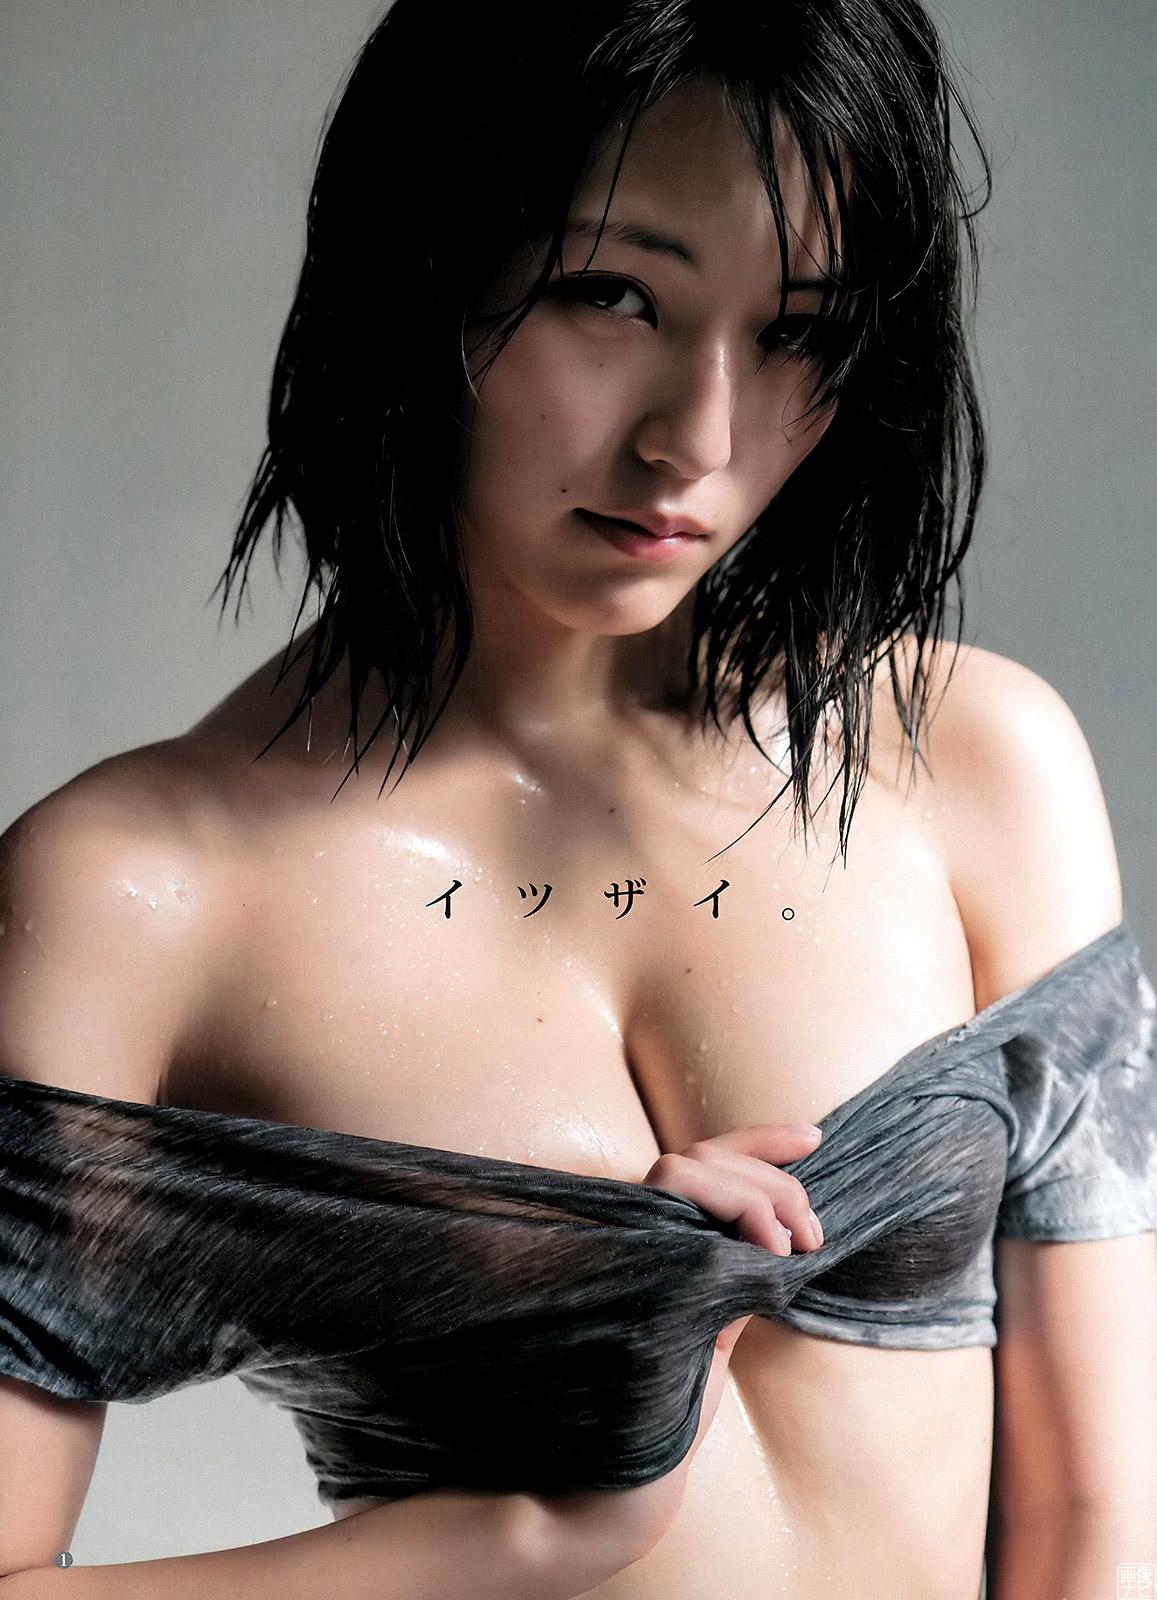 原あや香(22)高画質水着画像